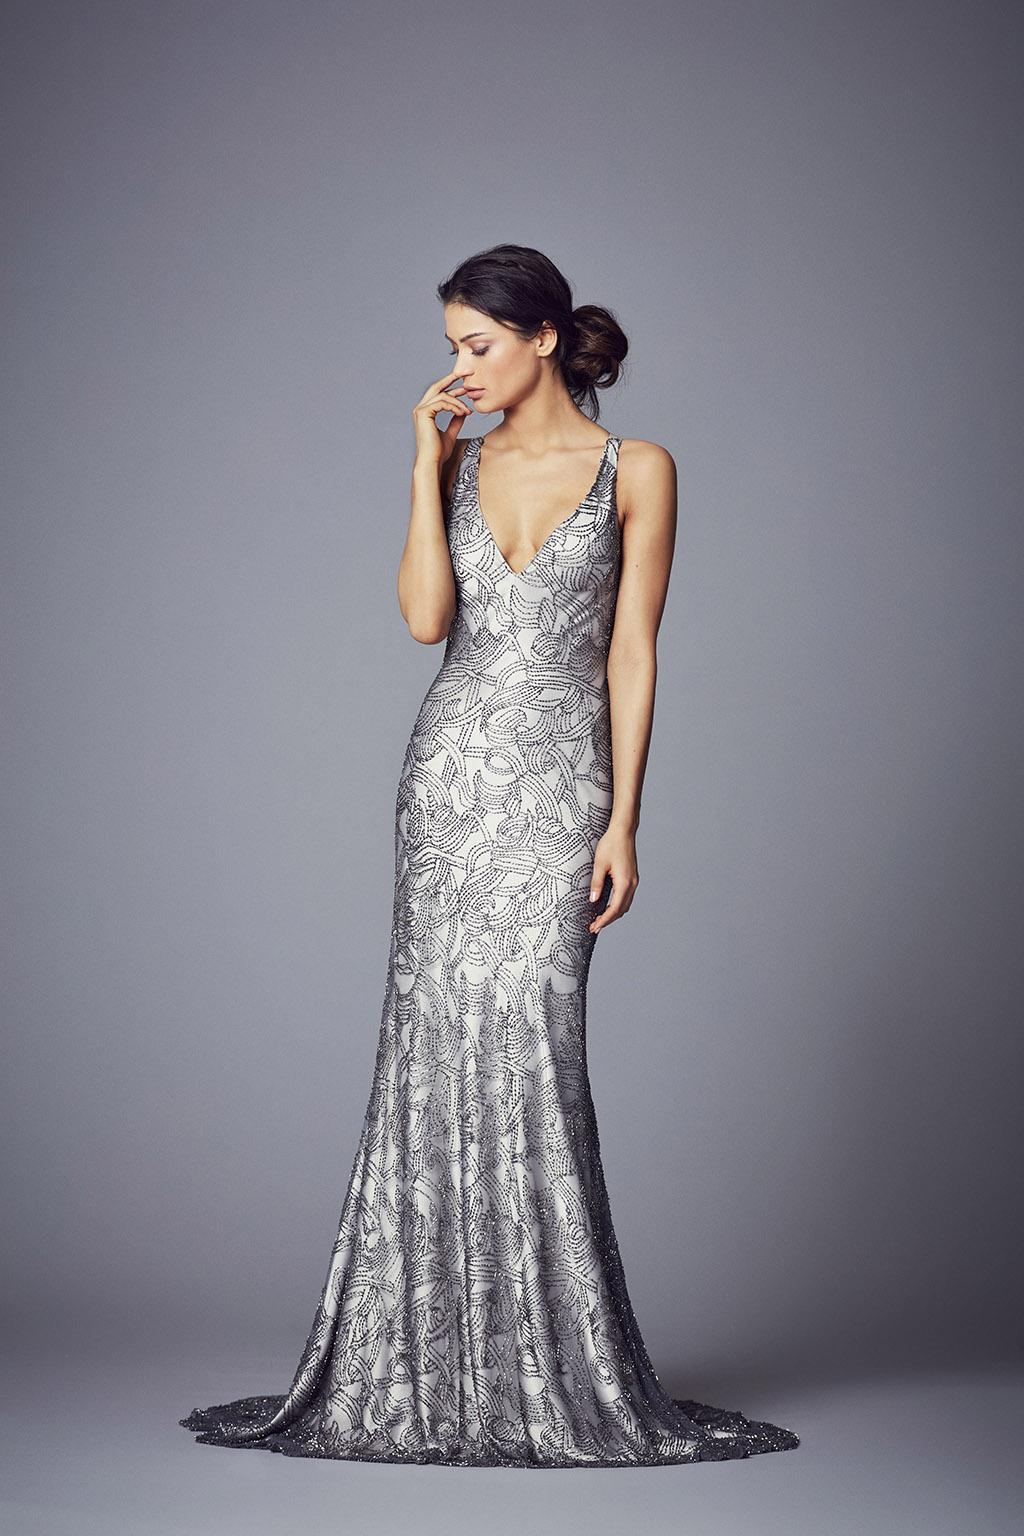 8f9e893574 Designer Evening Wear - Gown Designs - Suzanne Neville